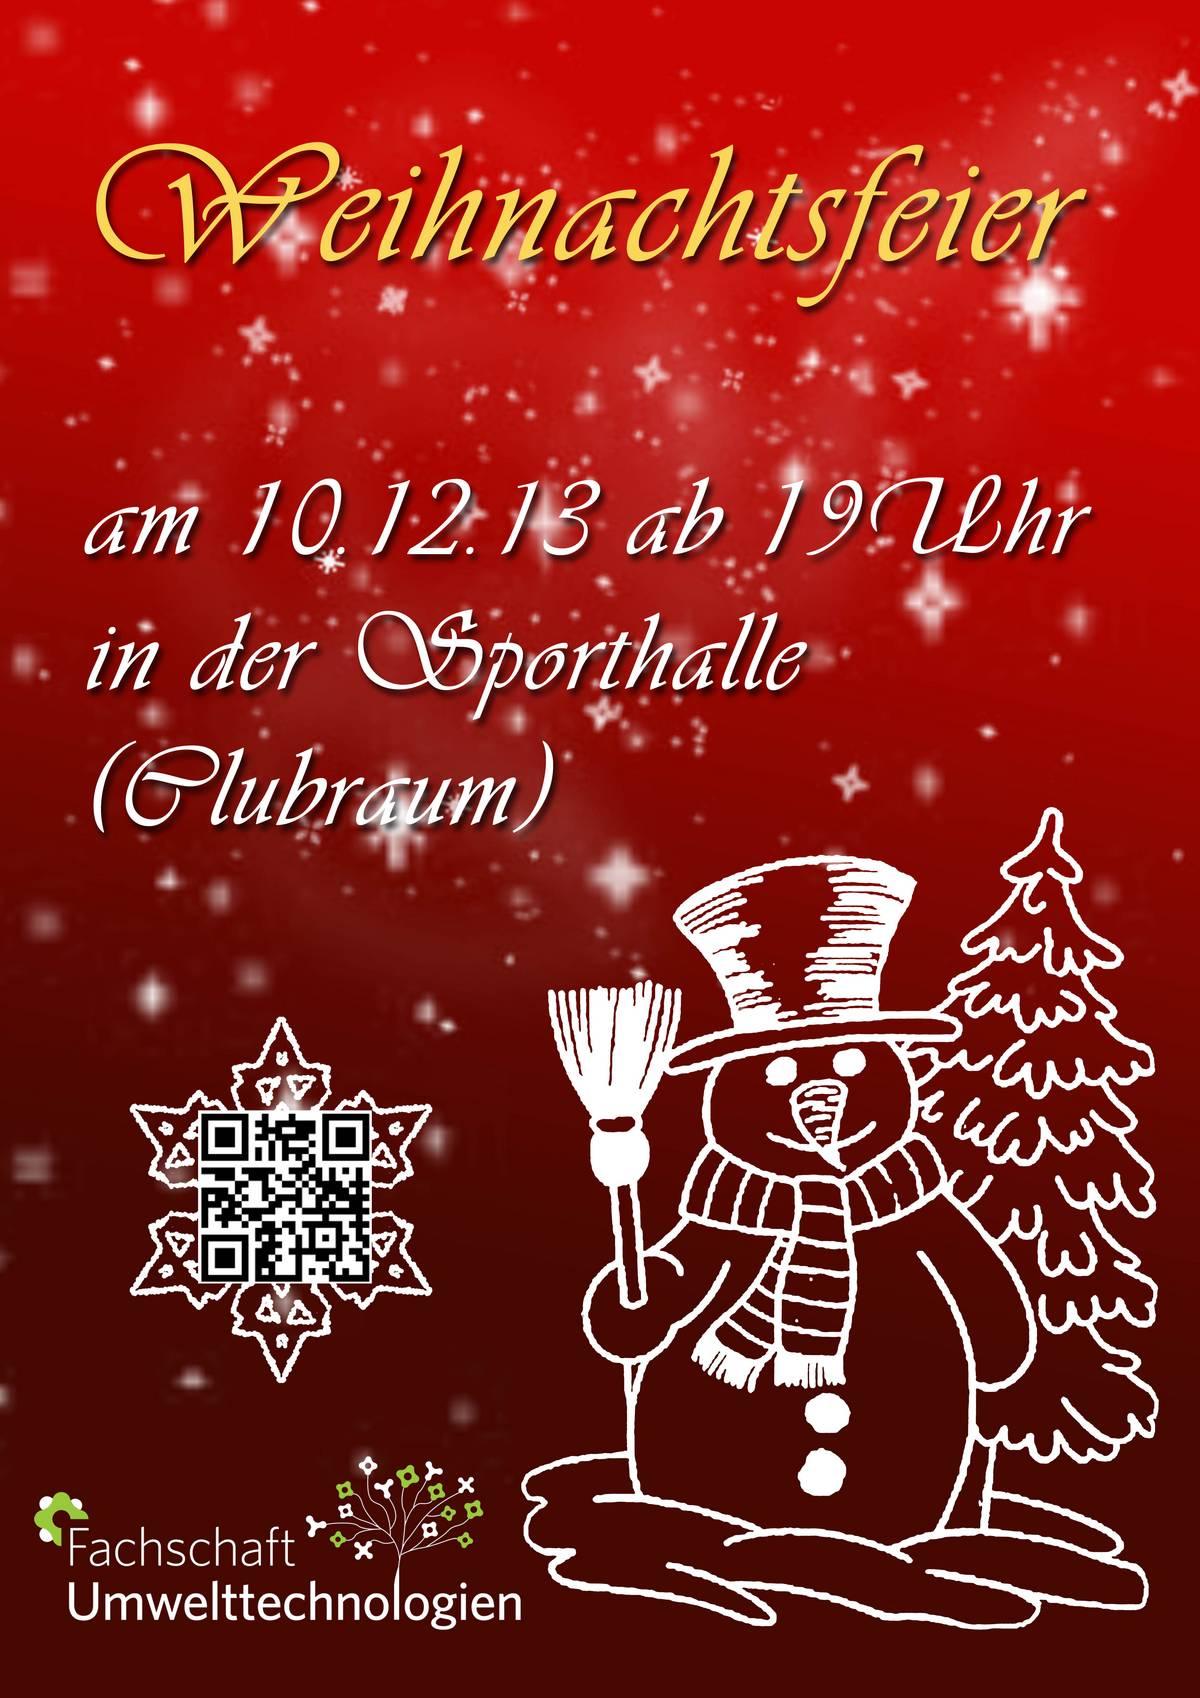 Weihnachtsfeier Plakat.Weihnachtsfeier B Tu De